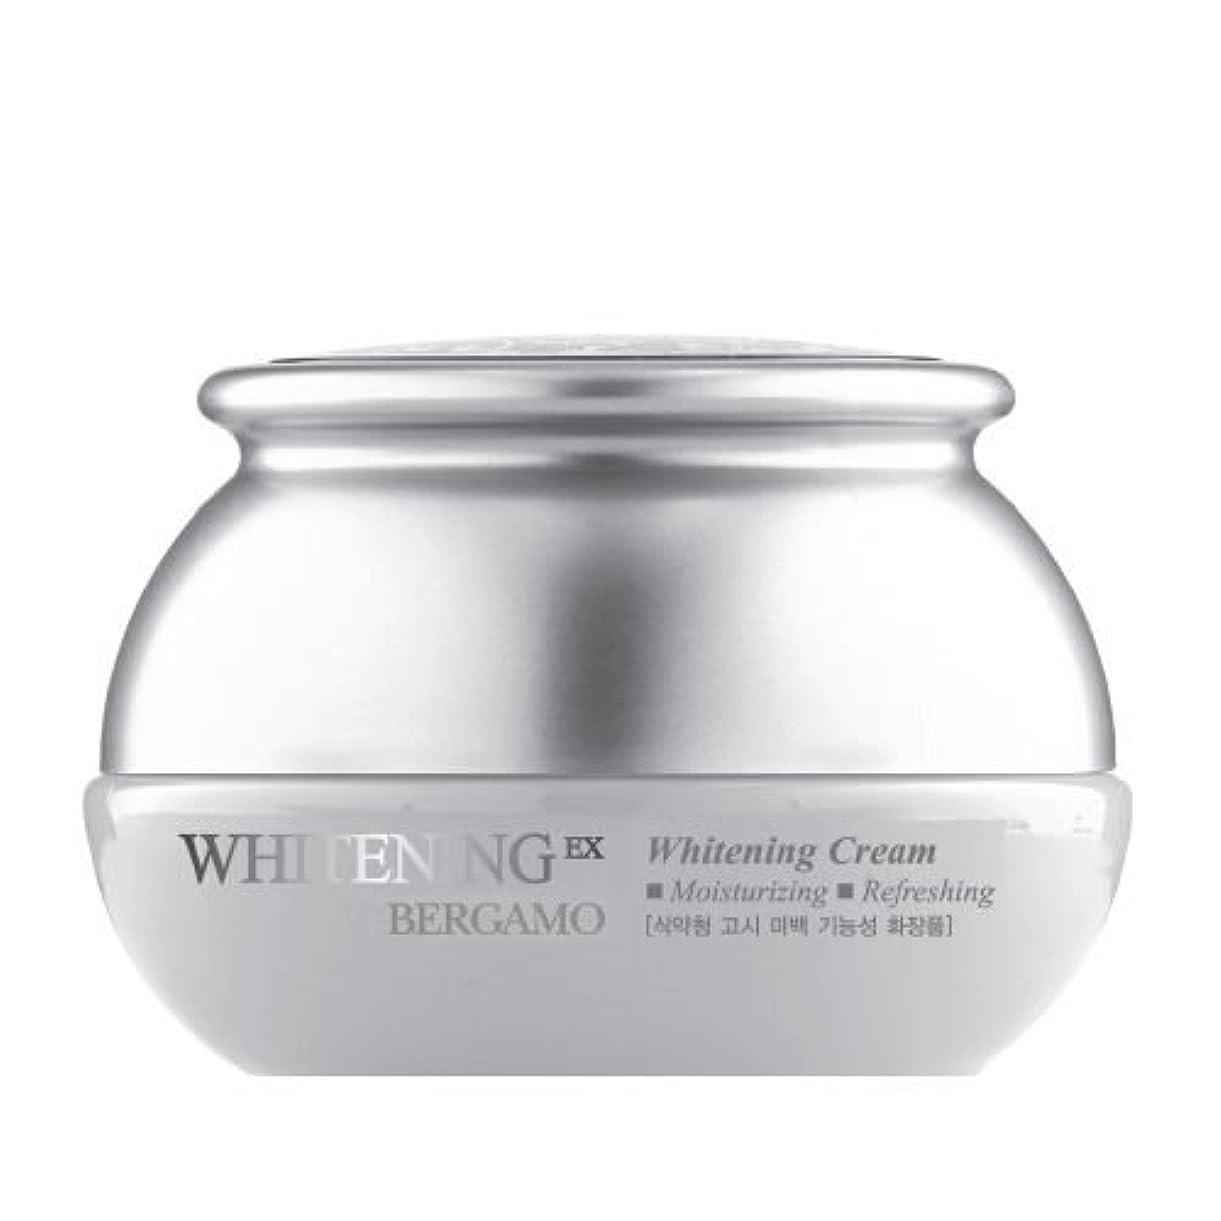 棚オフェンス気取らないベルガモ[韓国コスメBergamo]Whitening EX Wrinkle Care Cream ホワイトニングEXリンクルケアクリーム50ml しわ管理 [並行輸入品]